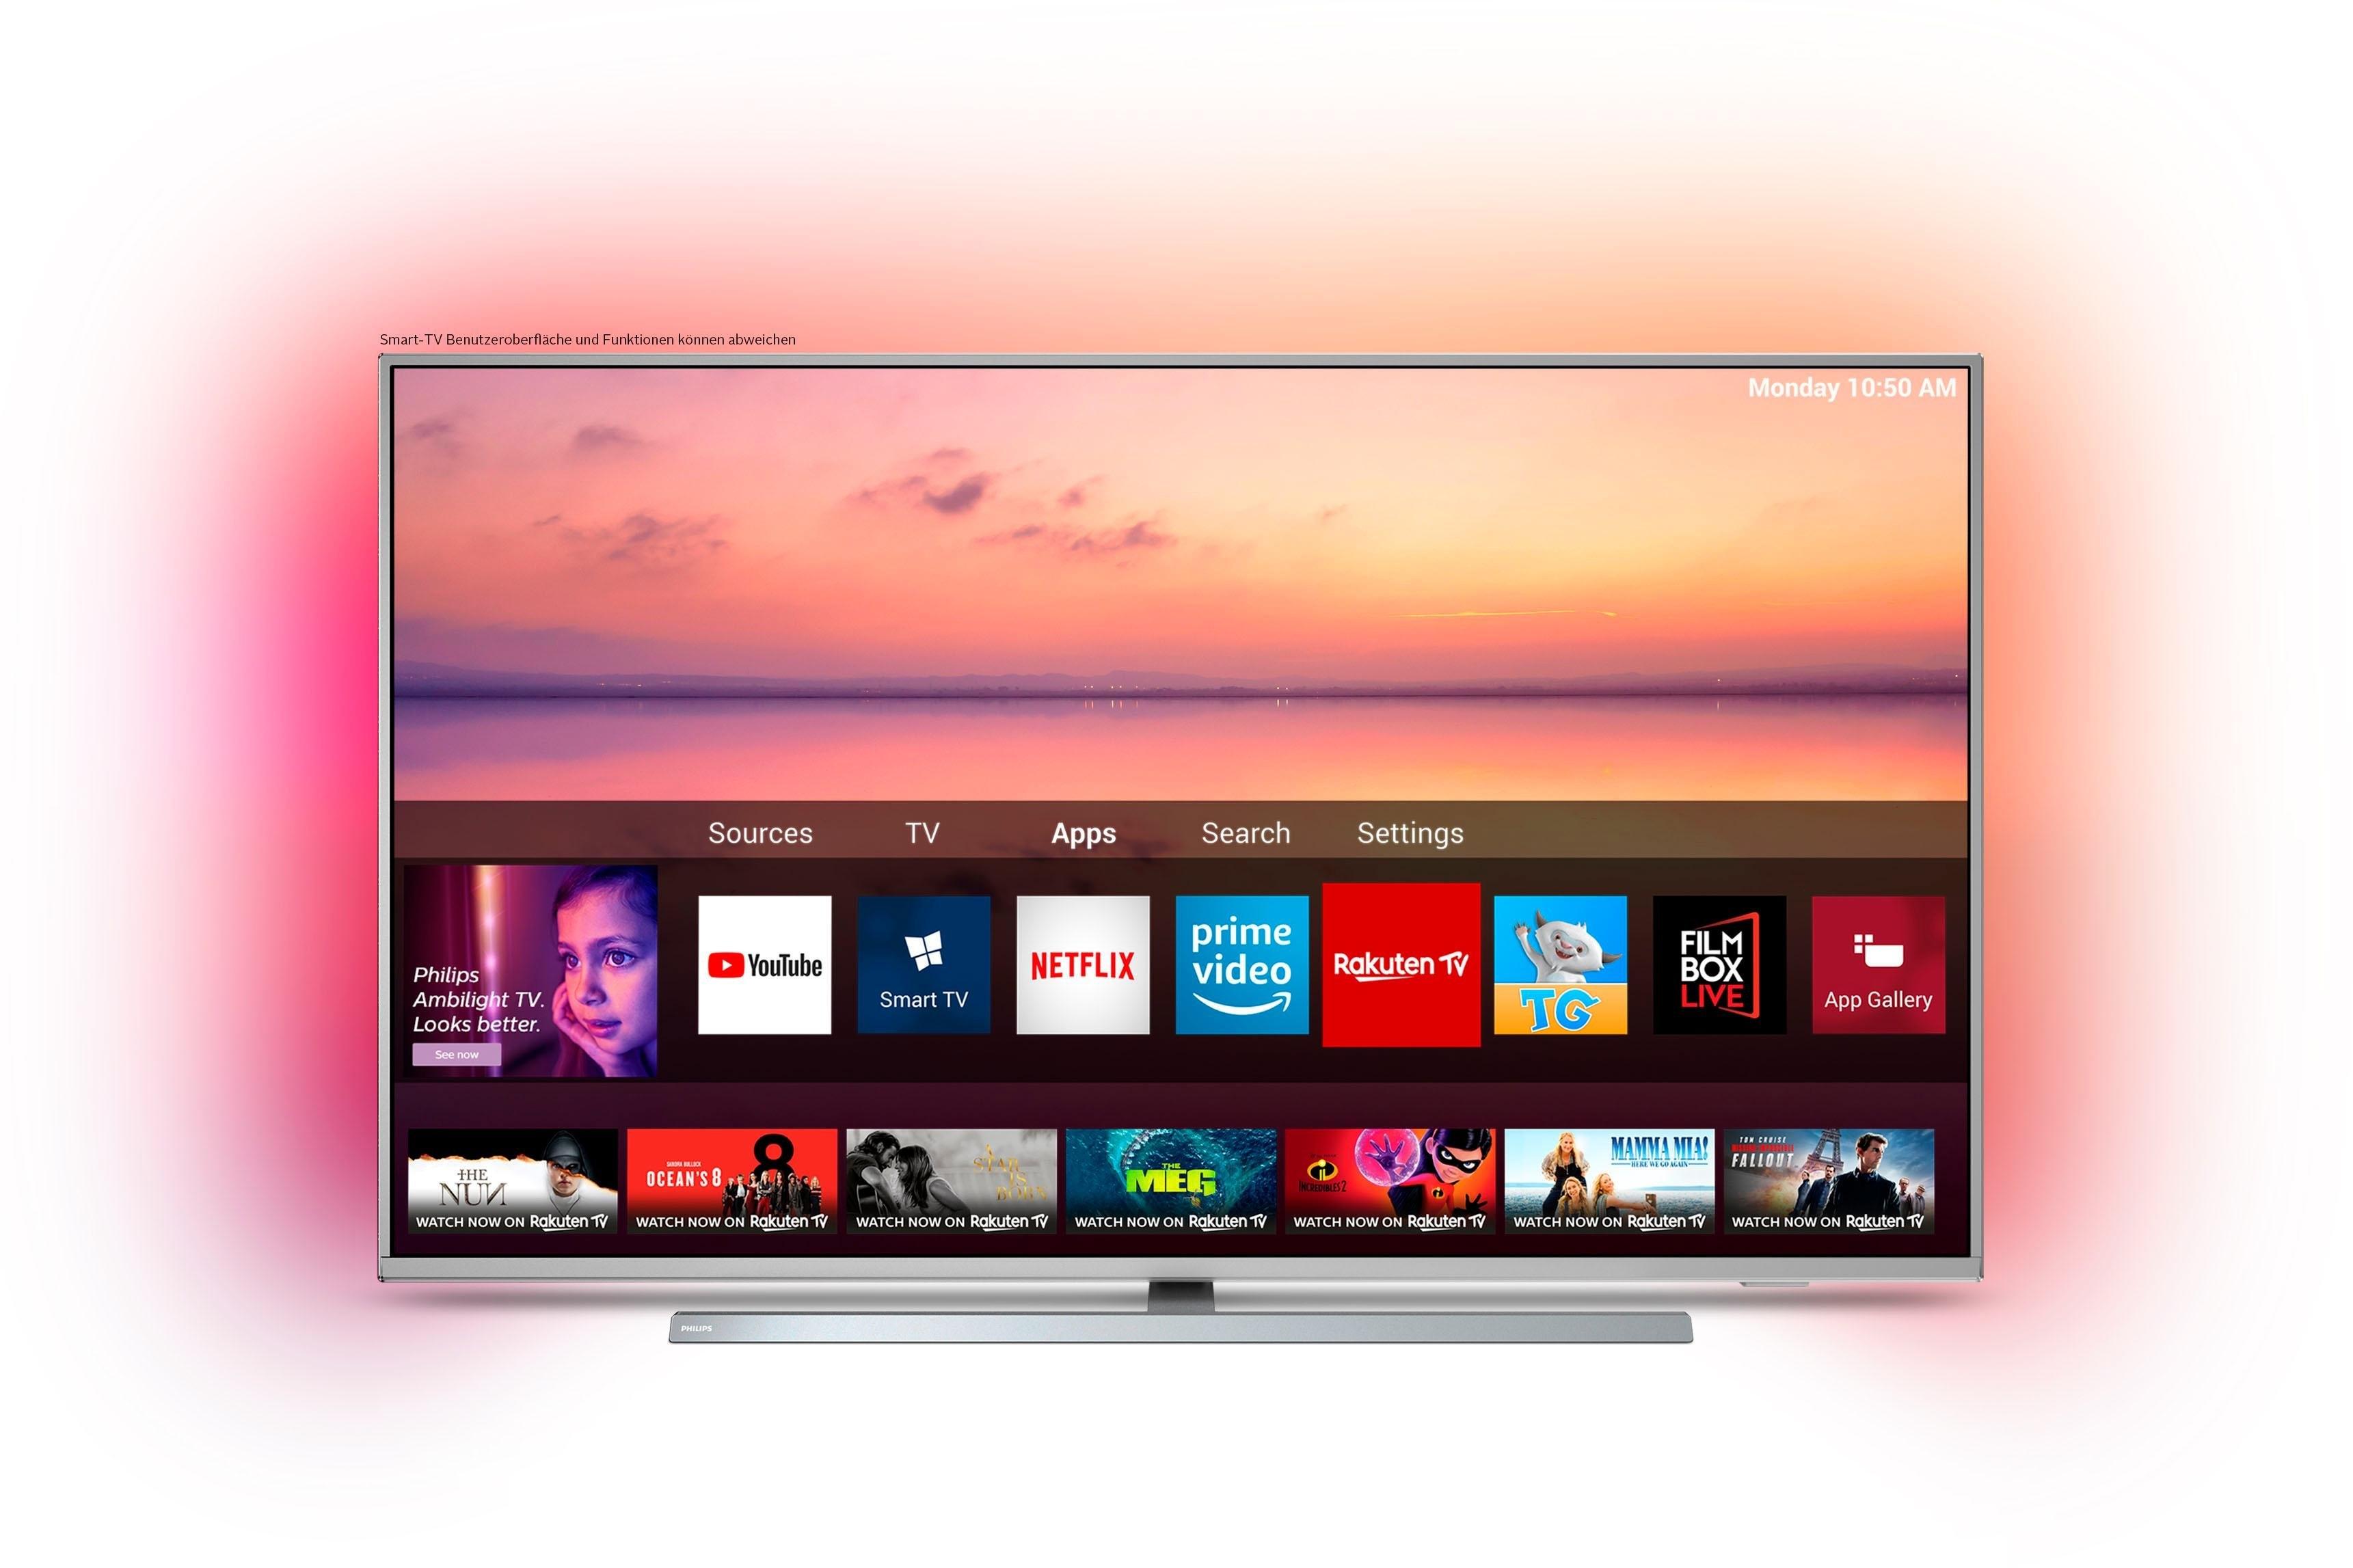 Philips 55PUS6804 led-tv (139 cm / 55 inch), 4K Ultra HD, Smart-TV in de webshop van OTTO kopen